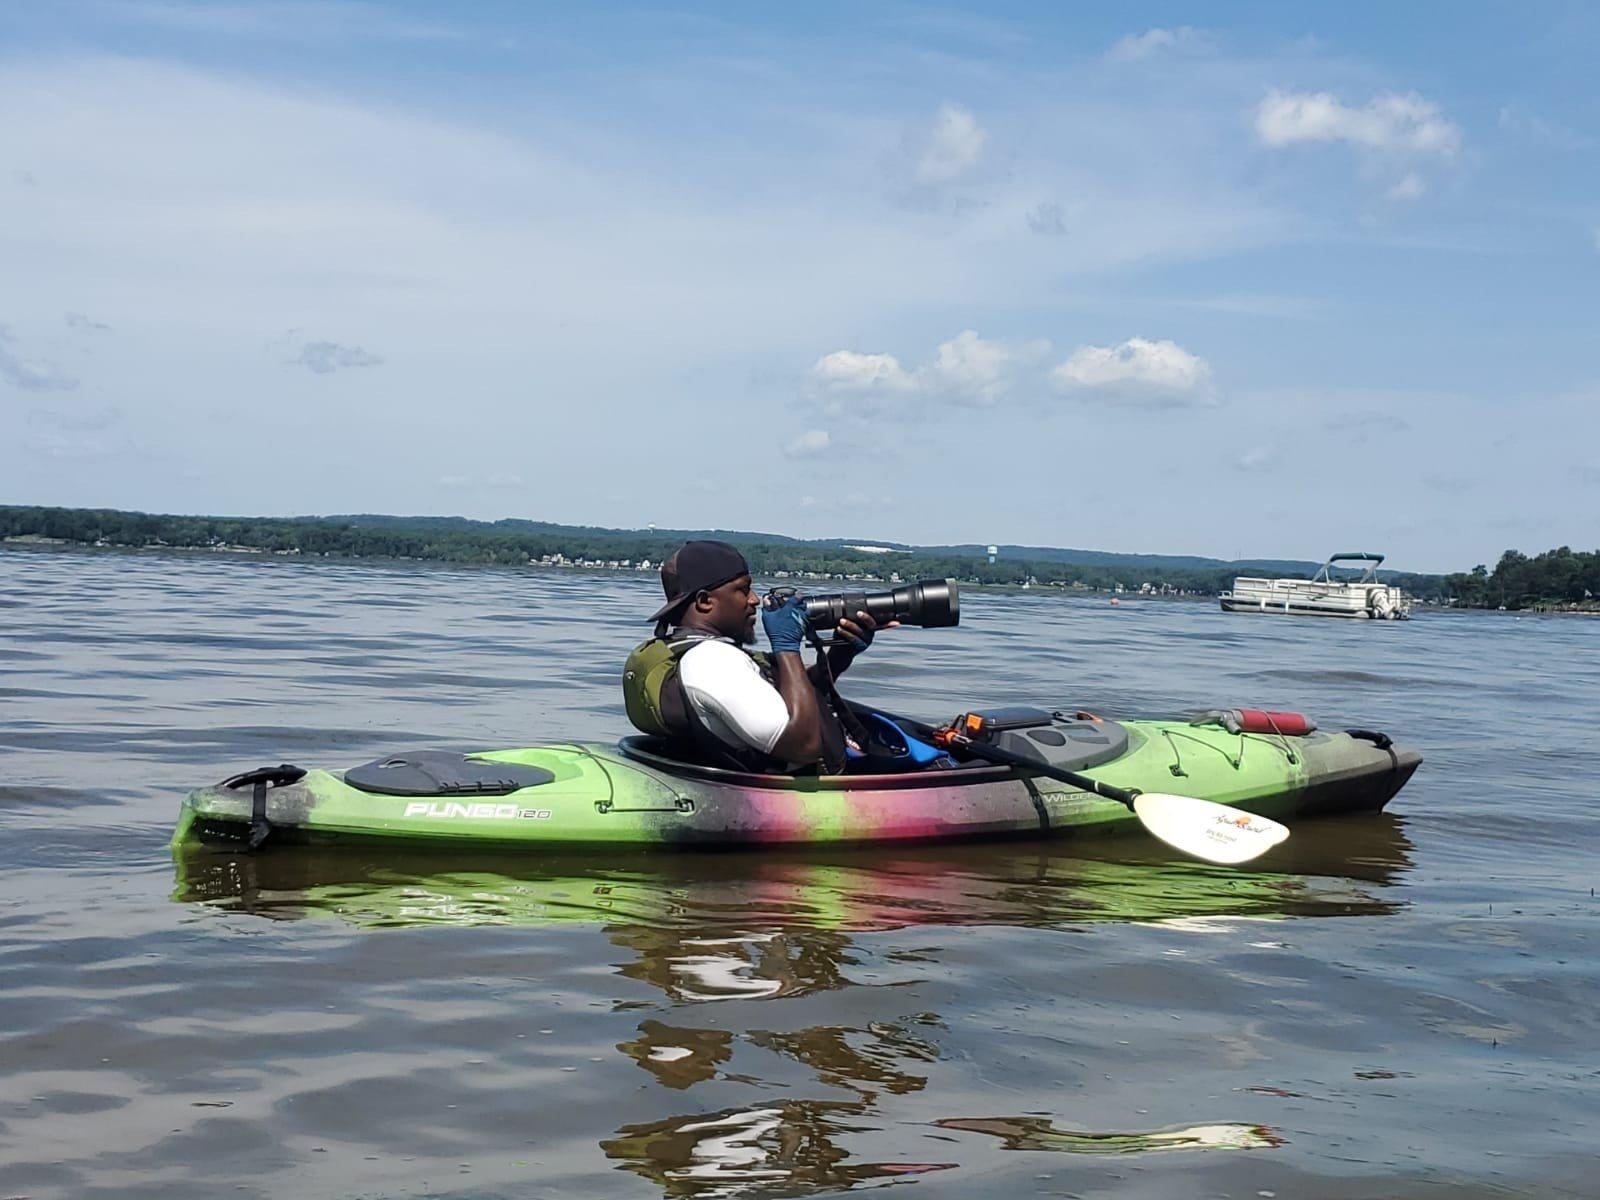 Professional nature photographer, David Greaves, taking photos in kayak on lake.